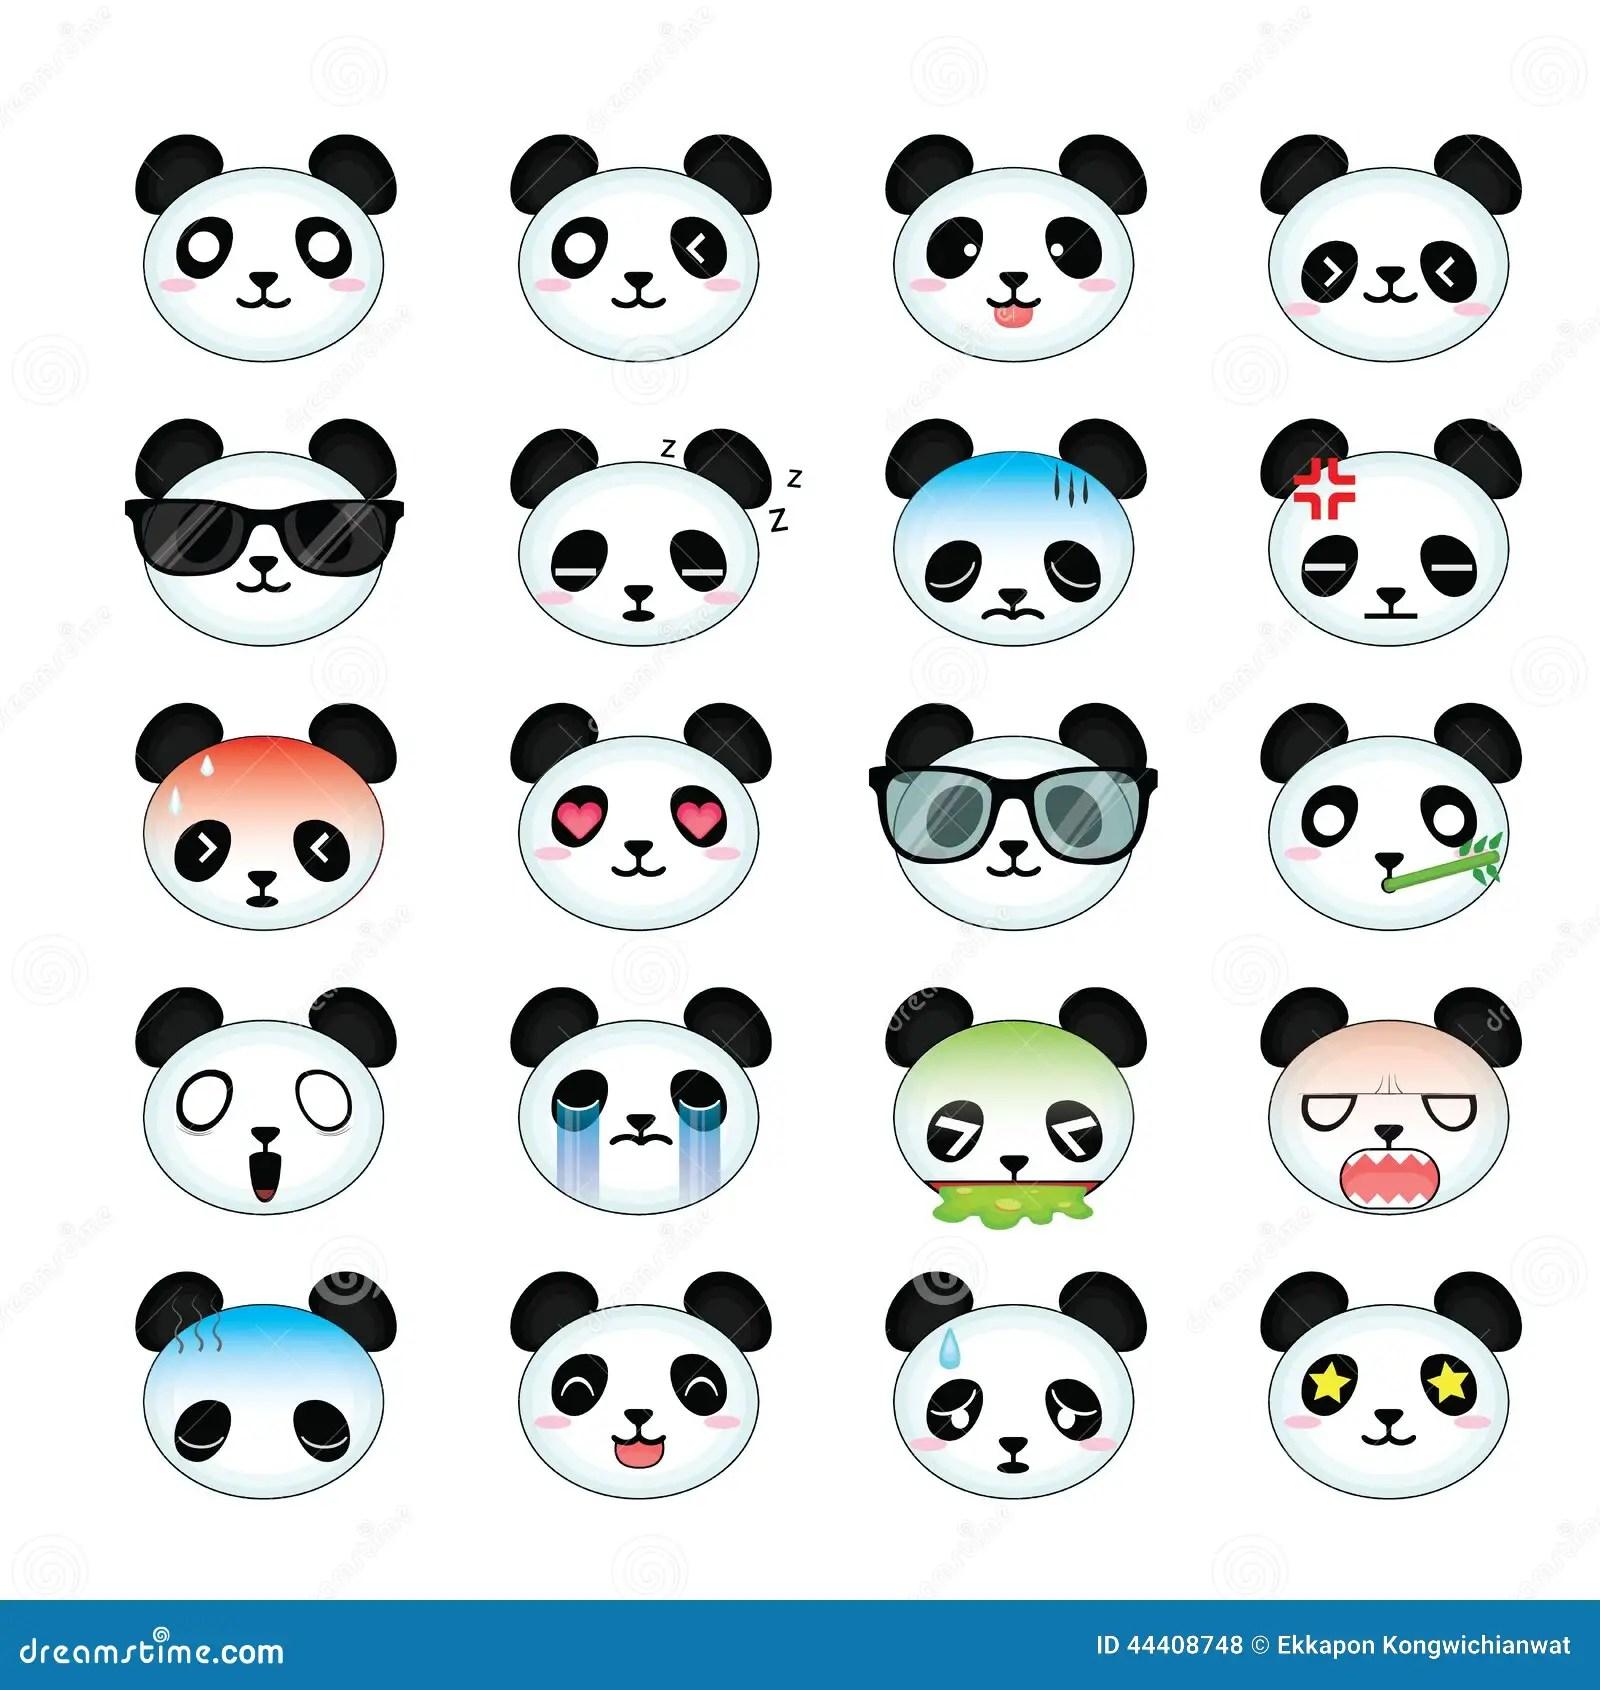 Cute Nail Arts Wallpaper Panda Smiley Face Icons Set Stock Illustration Image